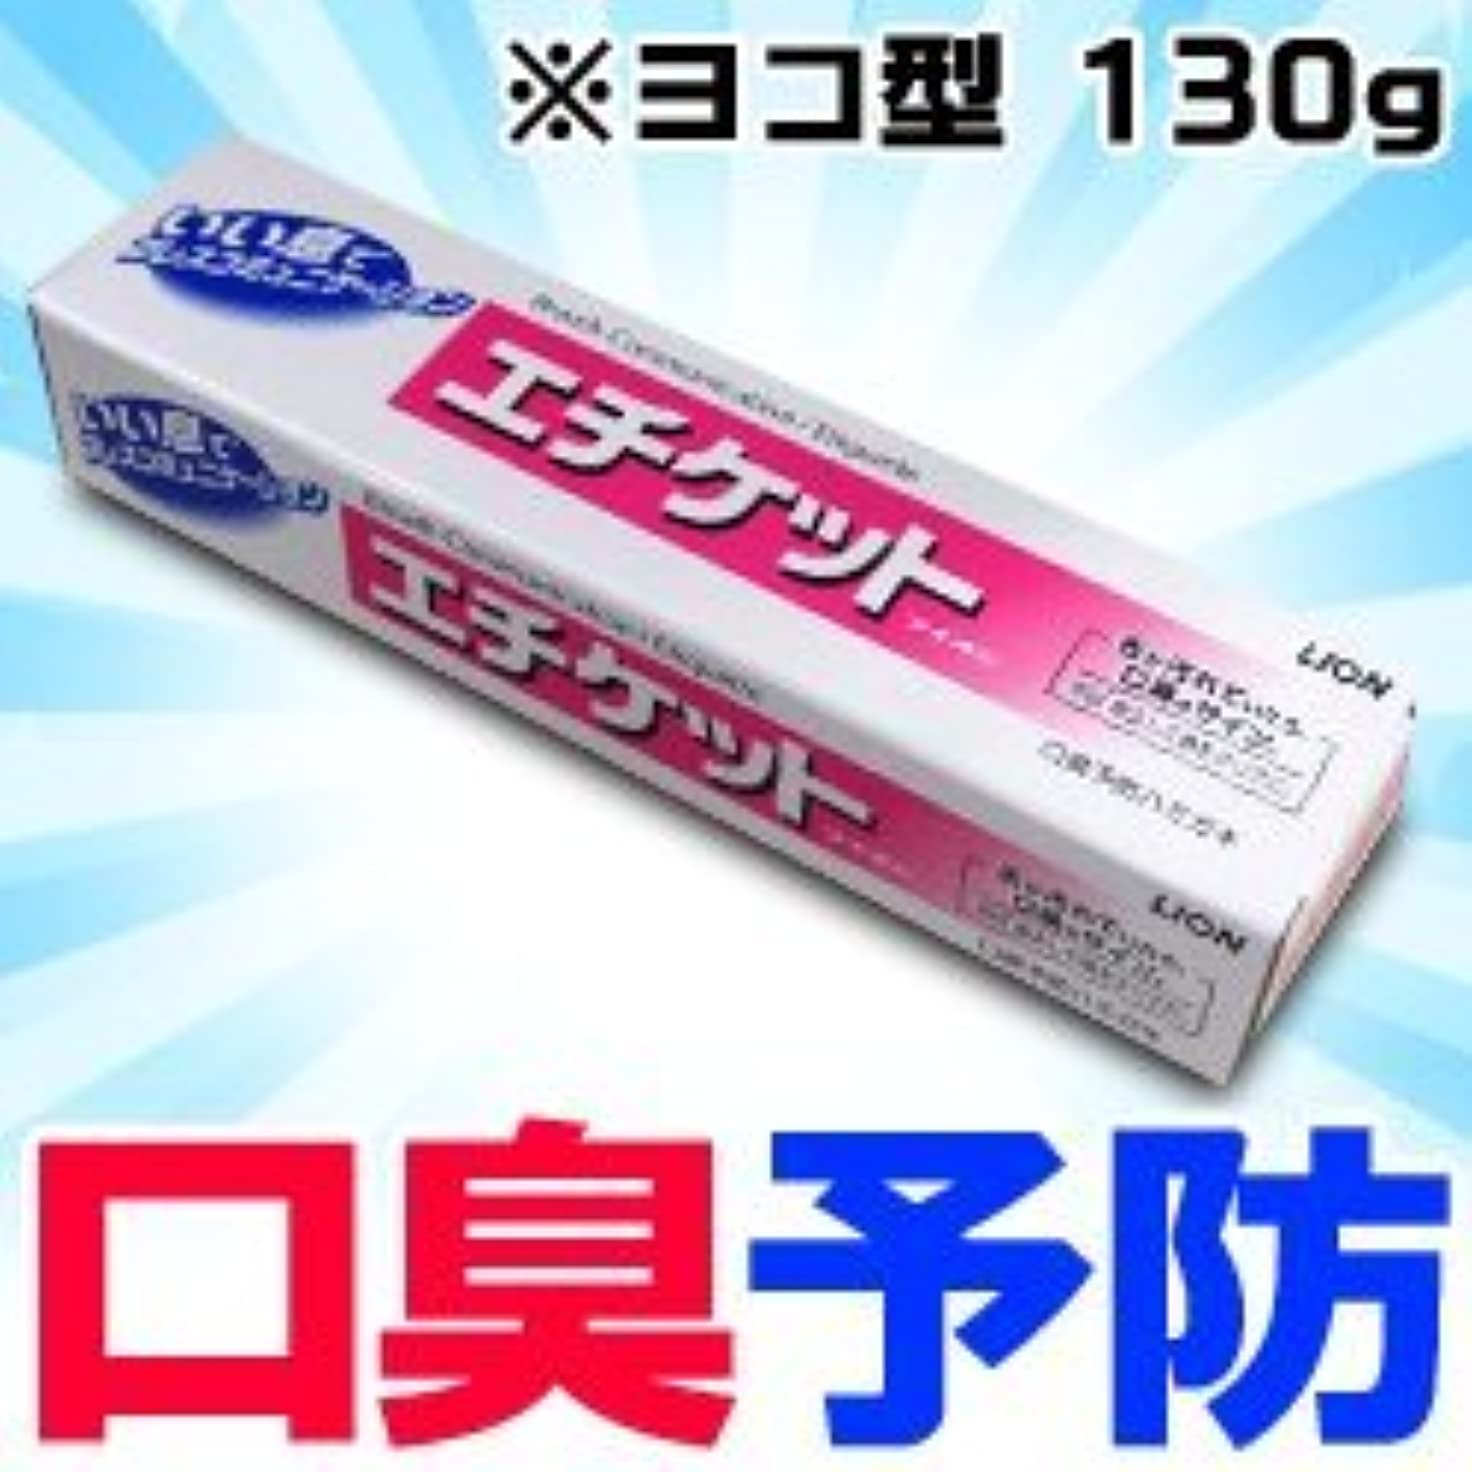 資本責任者定規【ライオン】口臭予防ハミガキ「エチケットライオン」 130g ×10個セット